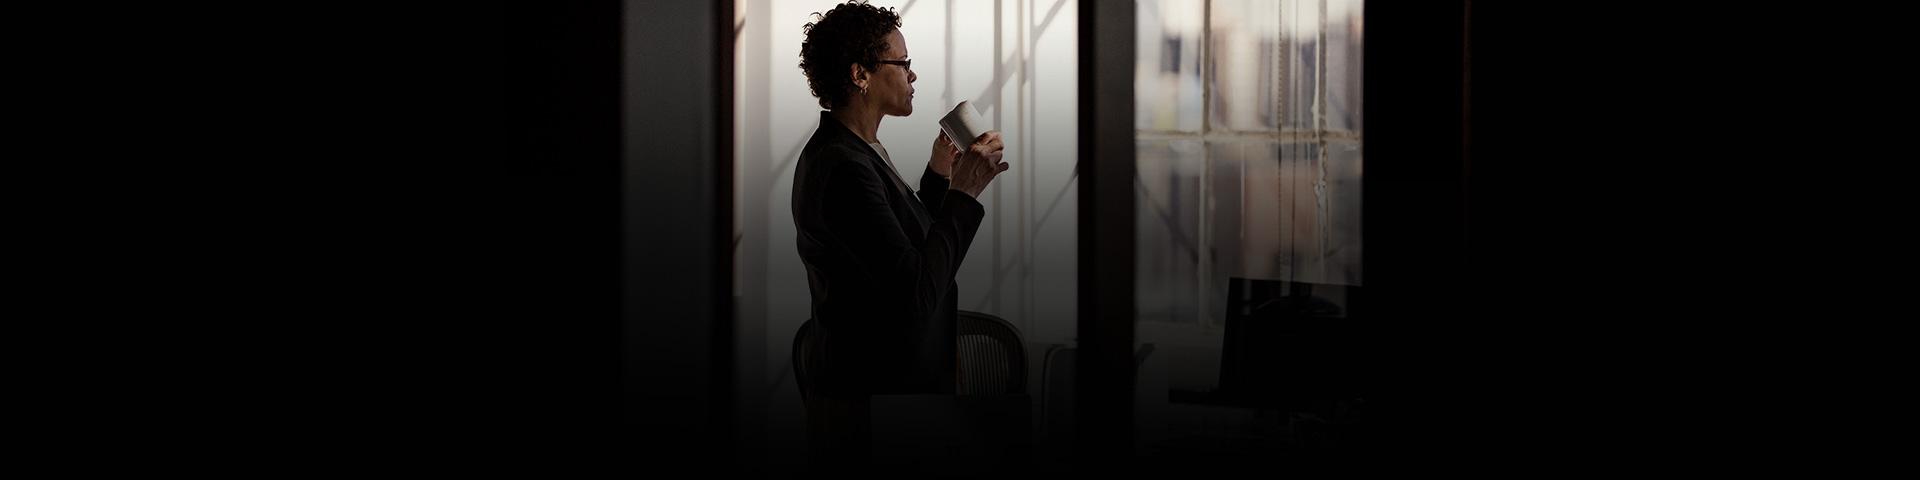 Eine Frau steht neben einem Schreibtisch mit Geräten